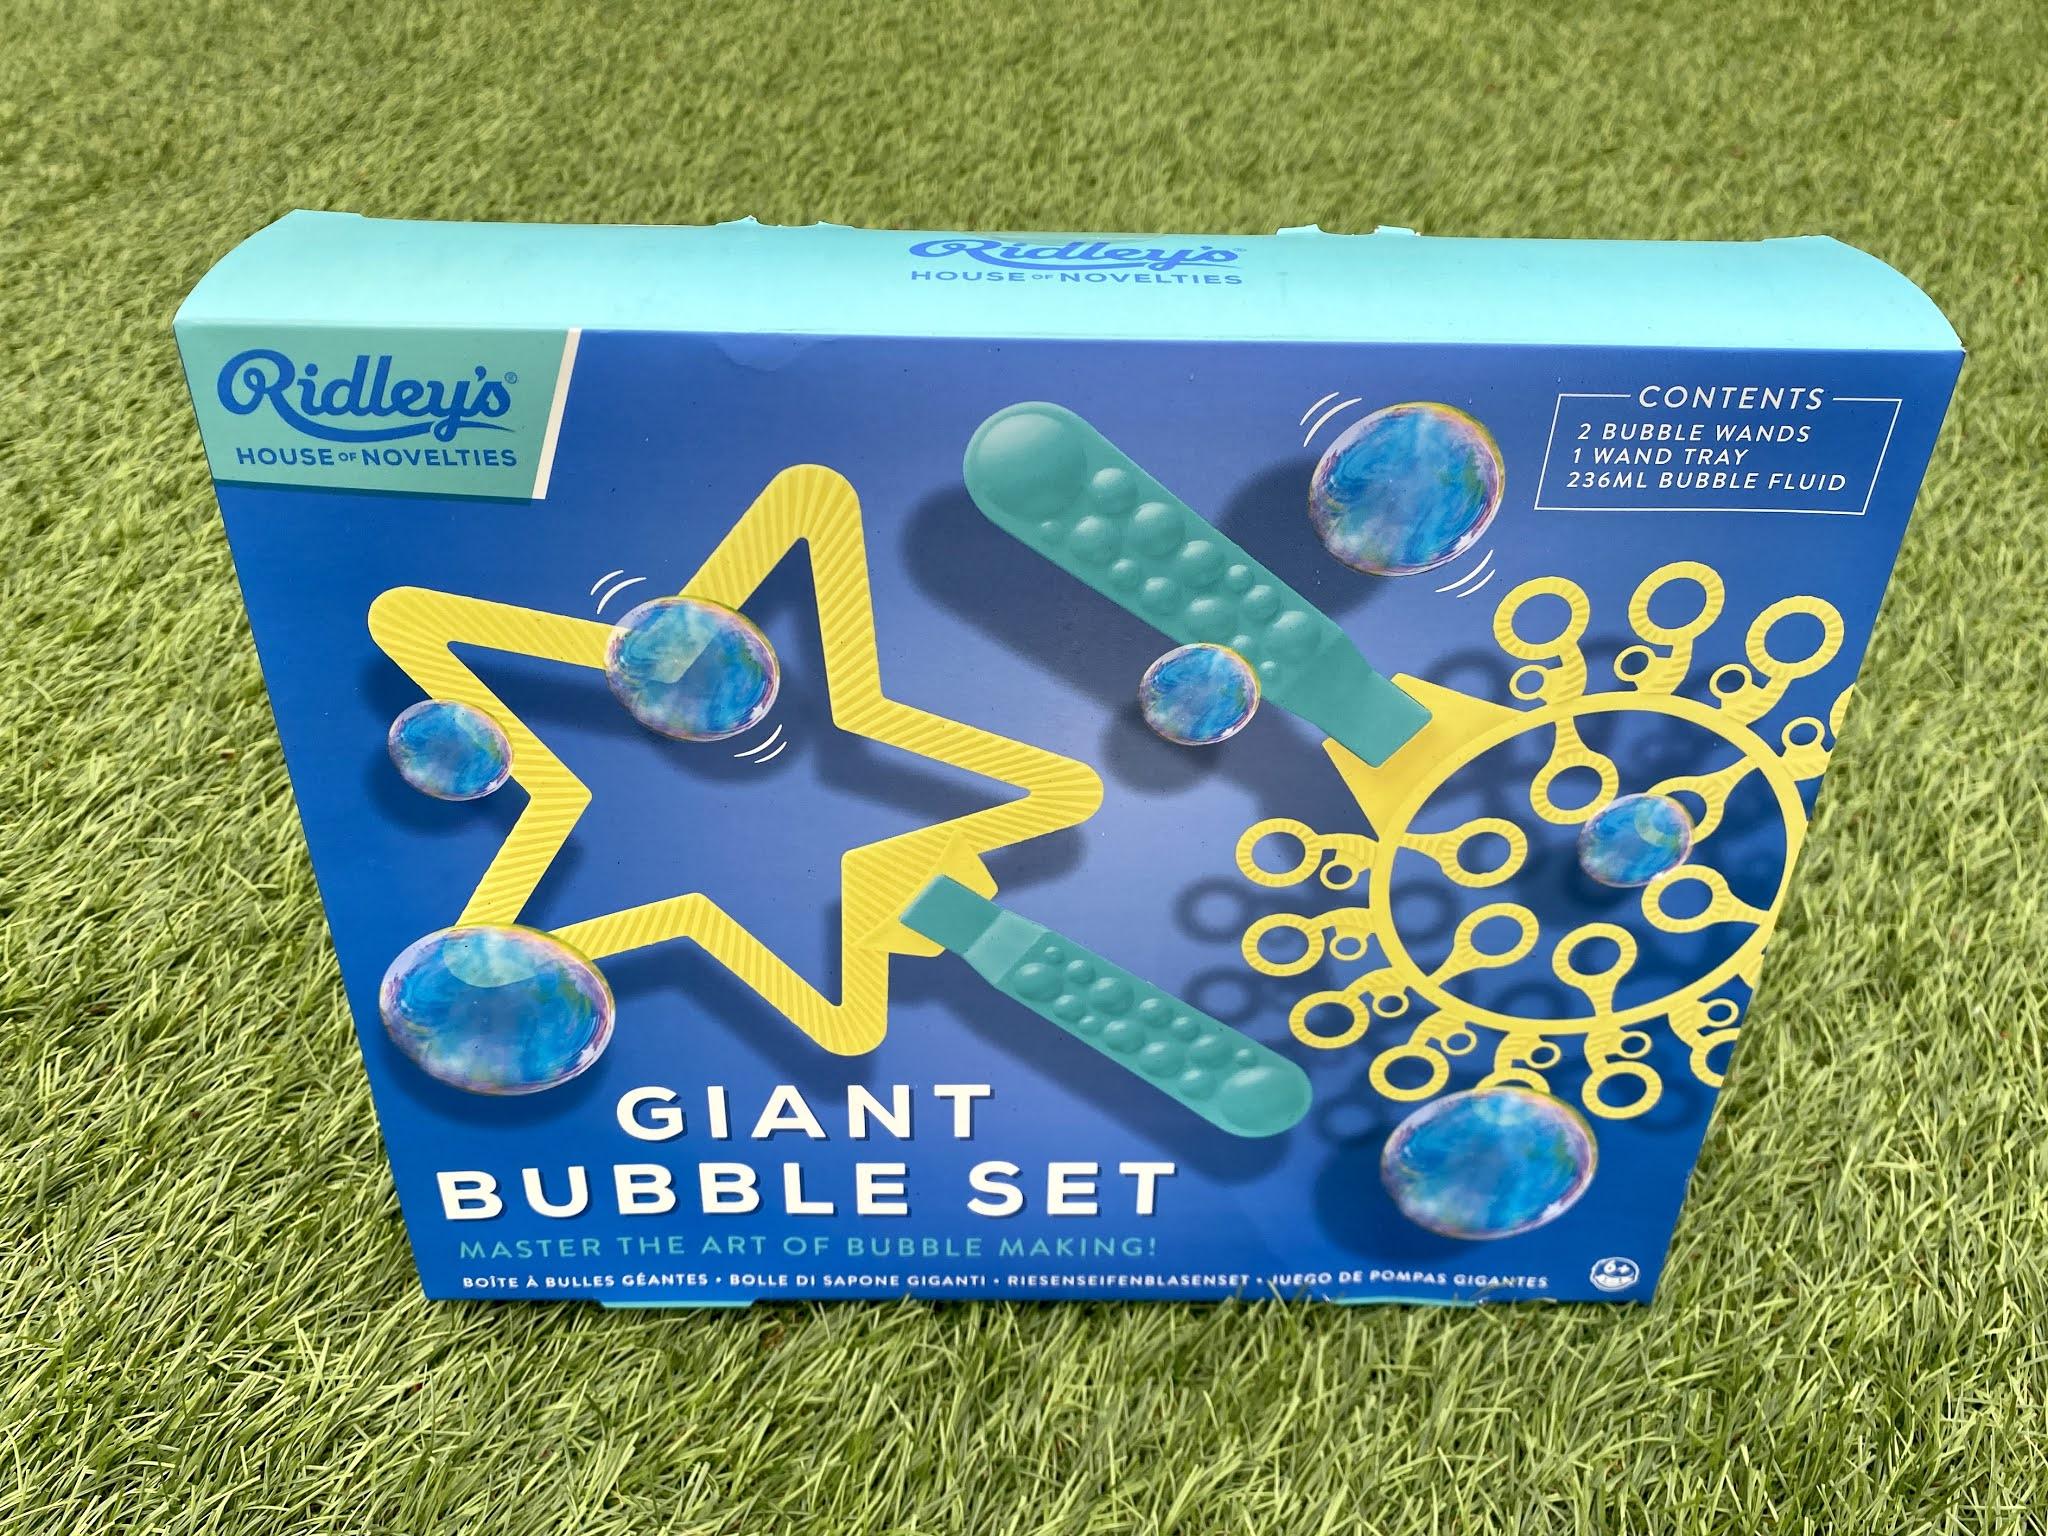 Giant Bubble Set